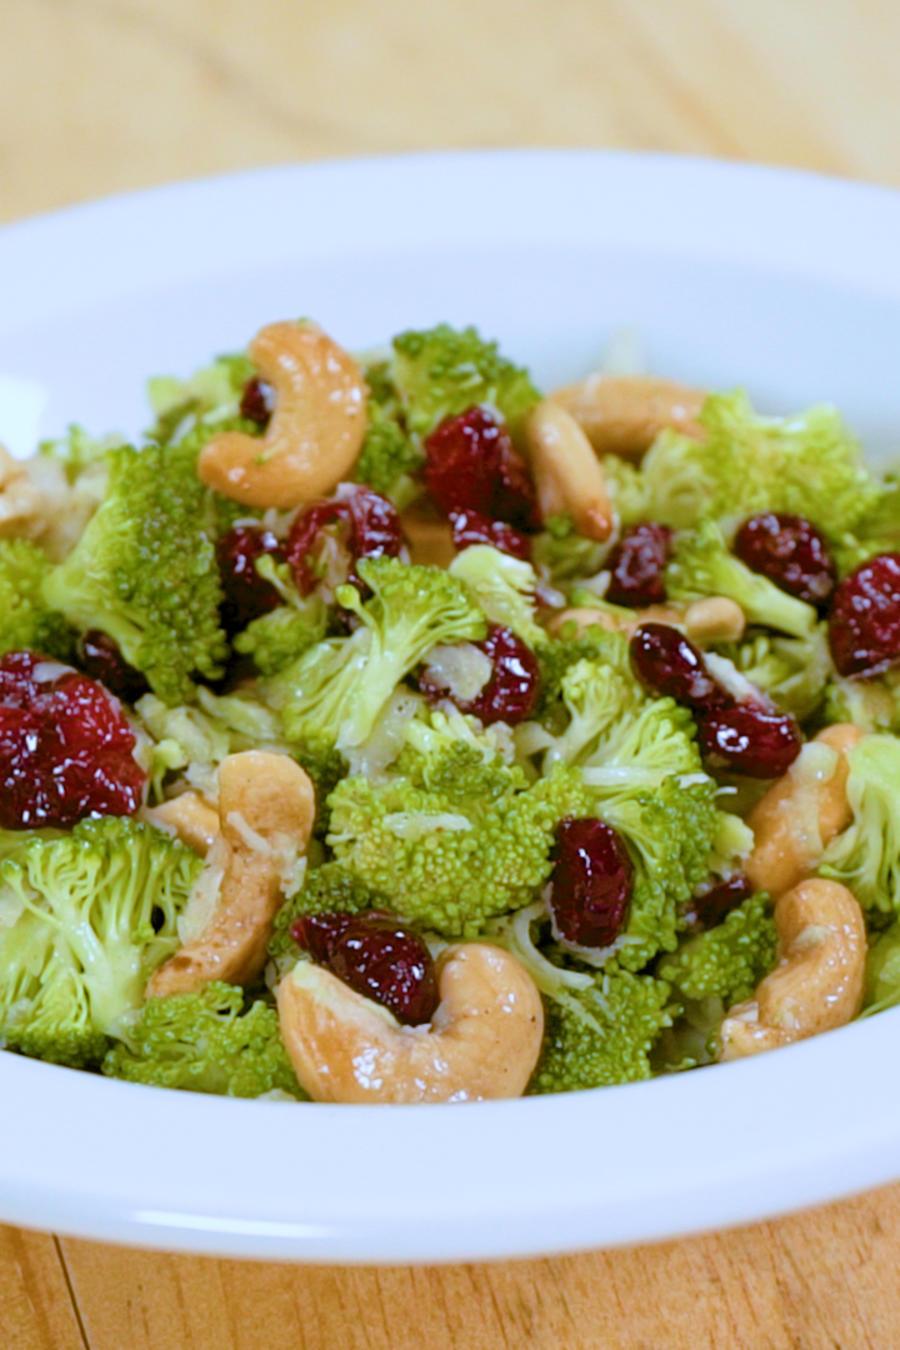 Receta: ensalada de brócoli y castañas de cajú